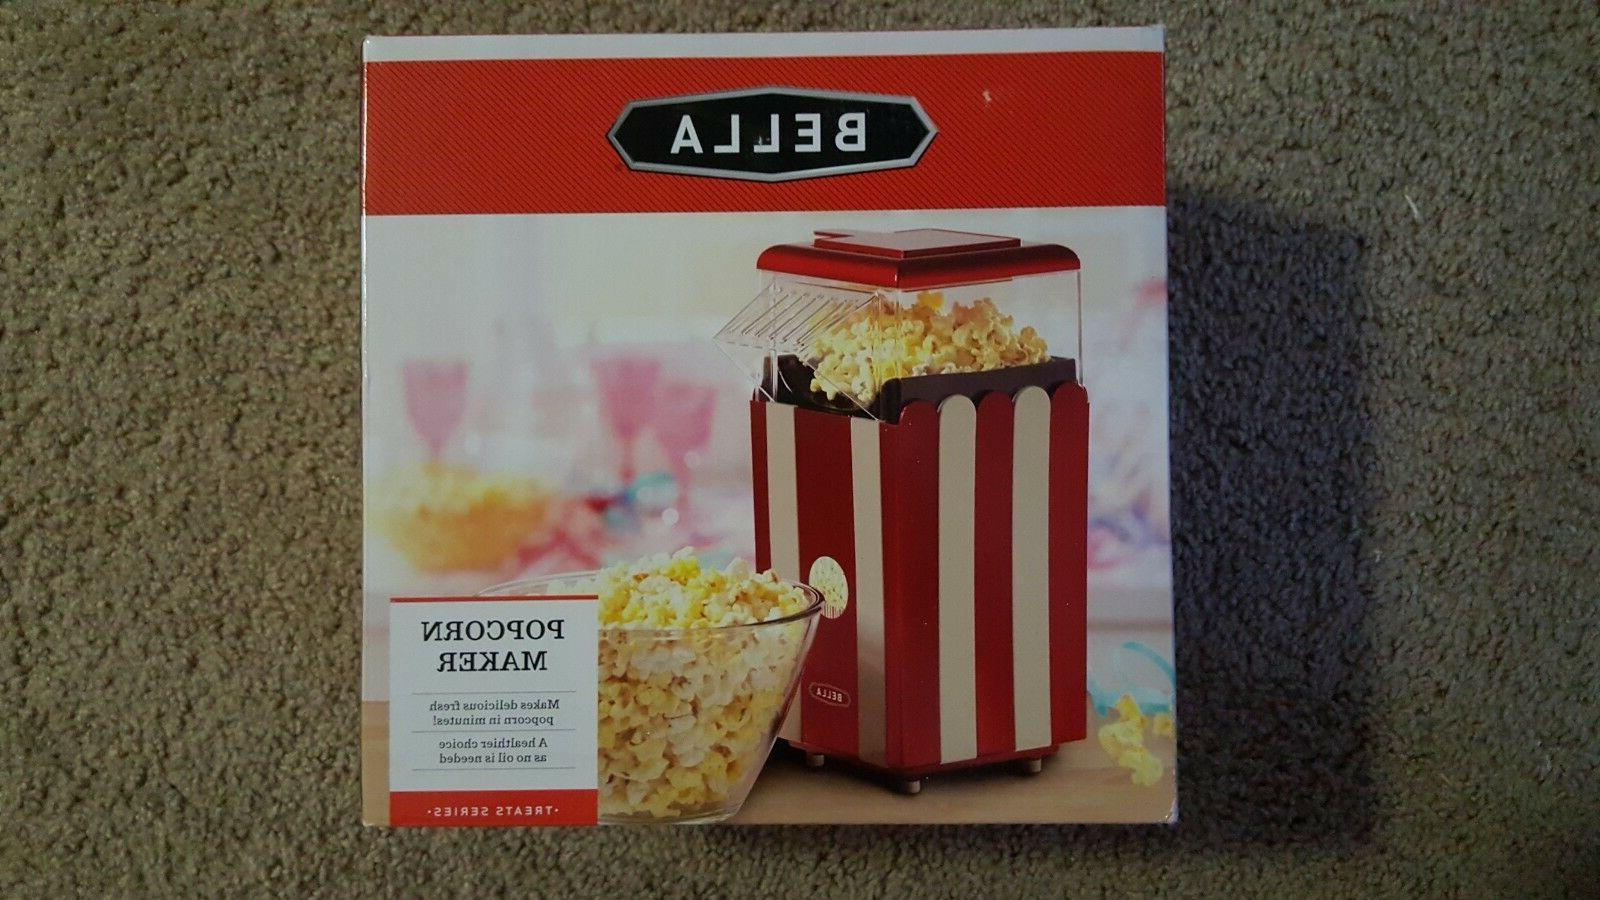 bella 13554 popcorn maker hot air popper